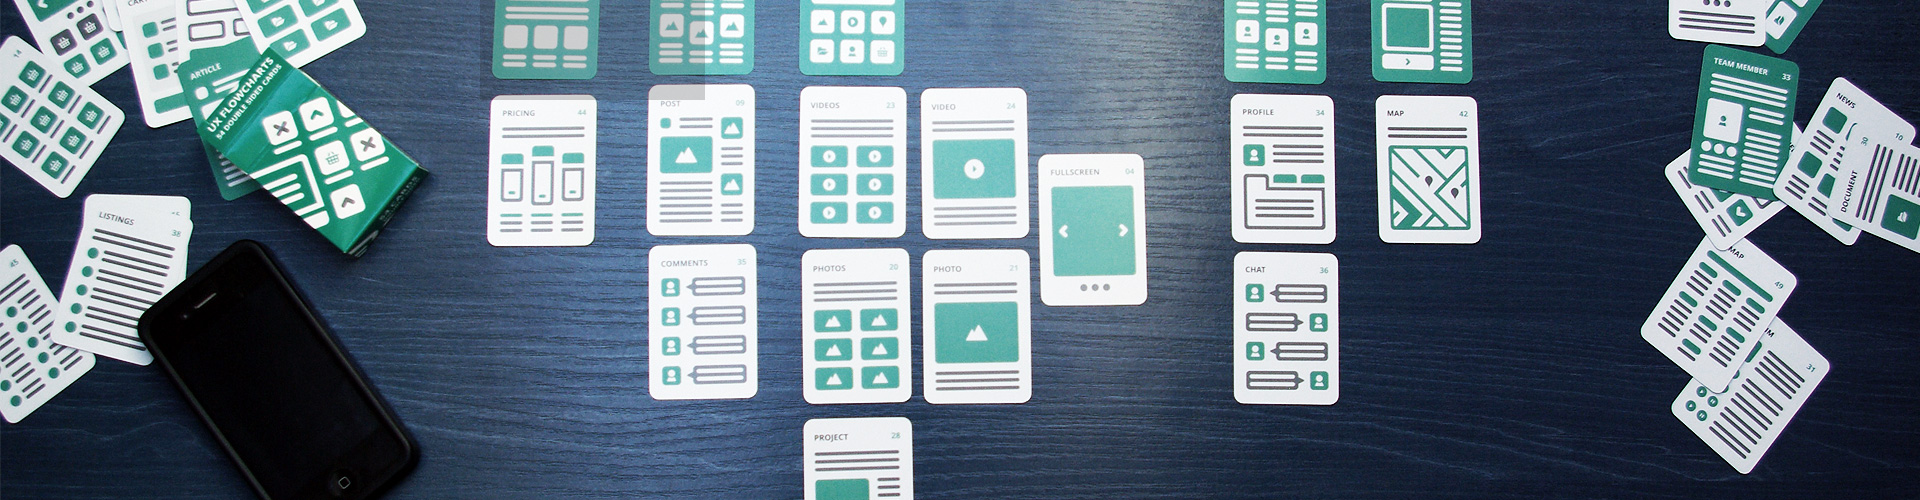 ux-flowchart-cards-7